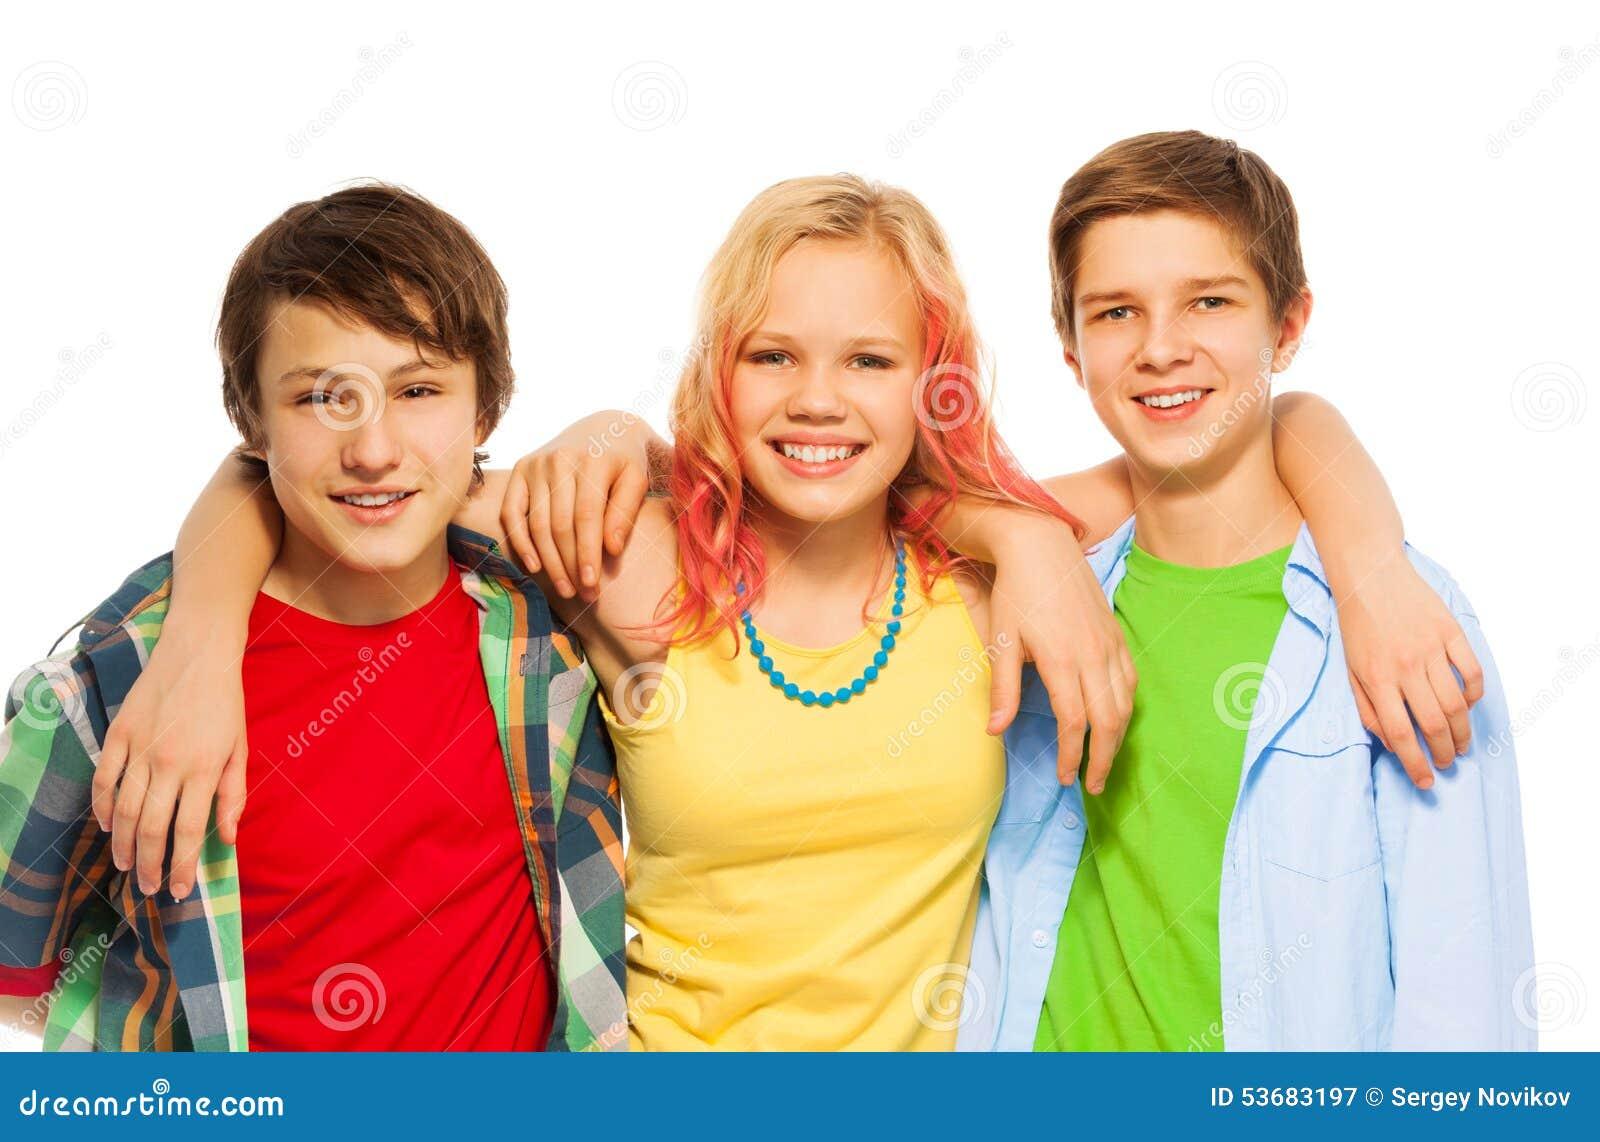 小组三个愉快的十几岁男孩和女孩拥抱